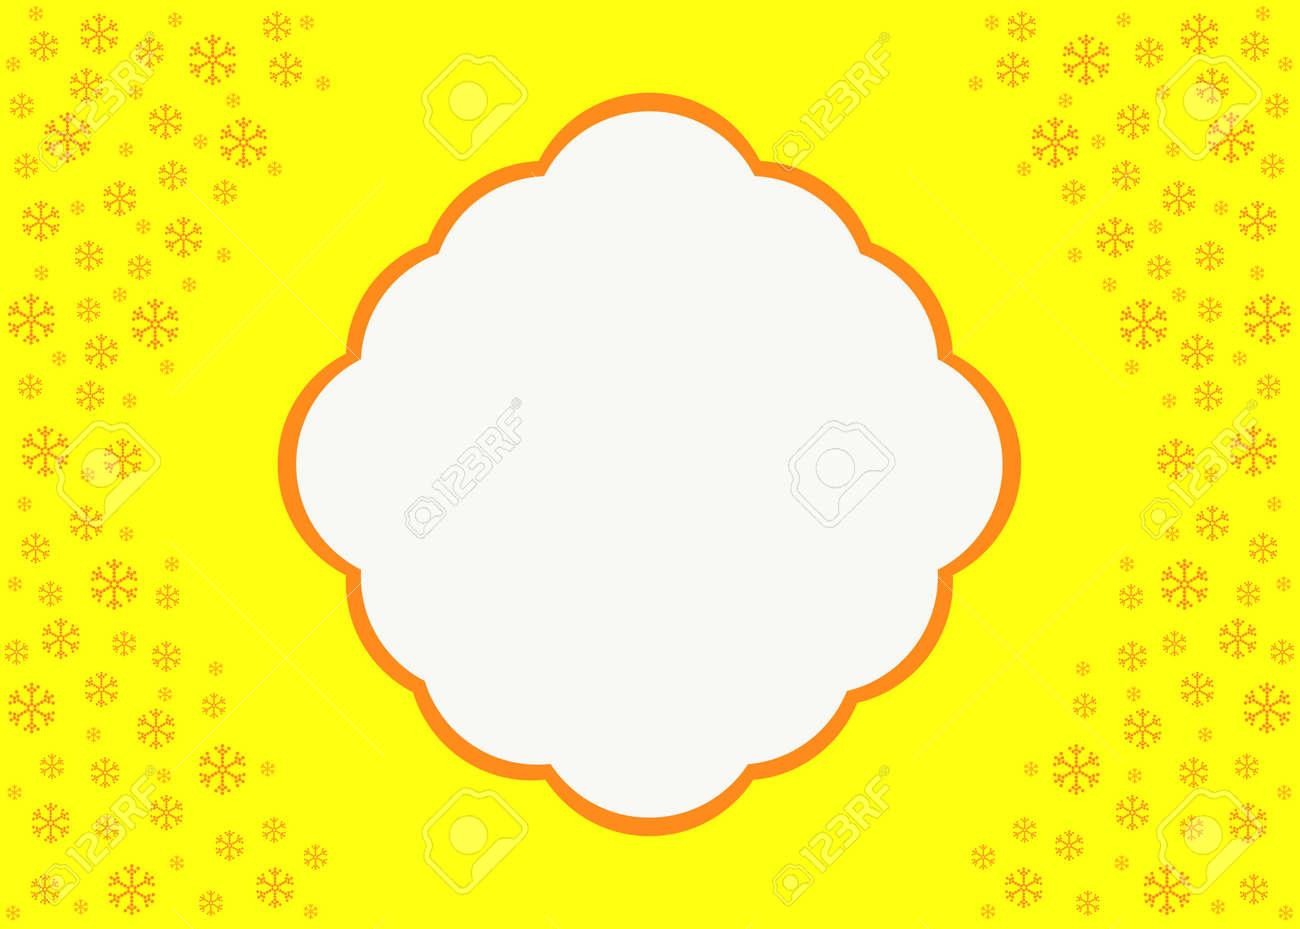 Sfondo Di Natale In Tonalità Di Giallo. Illustrazione Vettoriale ...